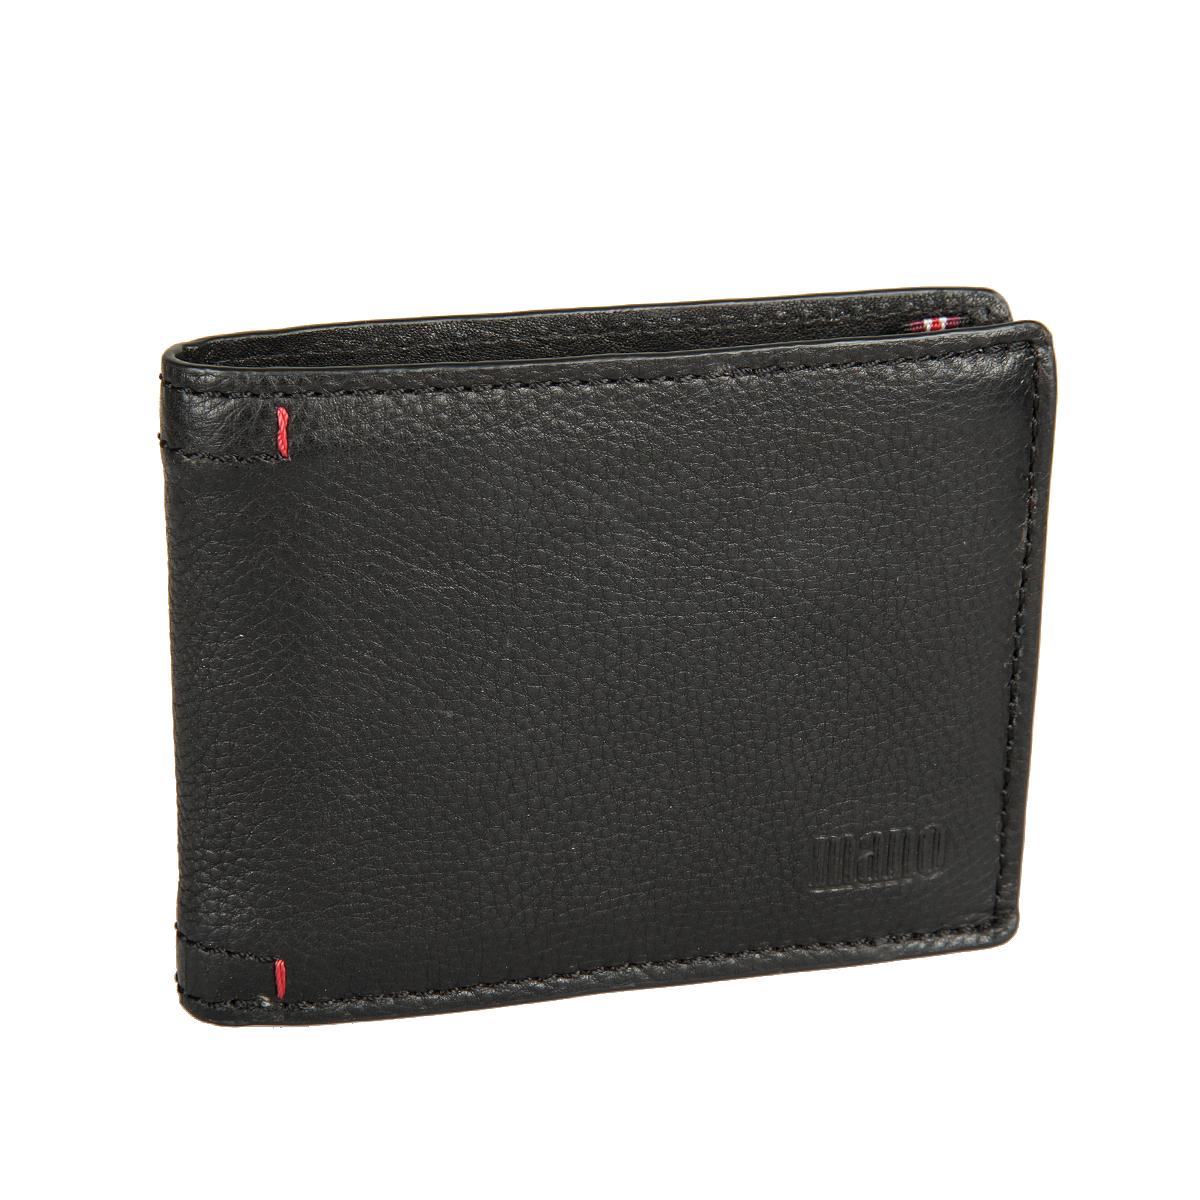 Портмоне мужское Mano, цвет: черный. 199517301PI-53Стильное мужское портмоне Mano выполнено из натуральной кожи с фактурным тиснением и дополнено тиснением с названием производителя.Изделие раскладывается пополам. Портмоне содержит два отделения для купюр, восемь кармашков для визиток и пластиковых карт, карман для мелочи на кнопке, сетчатый карман, три кармана для документов и два потайных кармана, один из которых на застежке-молнии. Портмоне упаковано в фирменную картонную коробку. Такое портмоне станет отличным подарком для человека, ценящего качественные и стильные вещи.